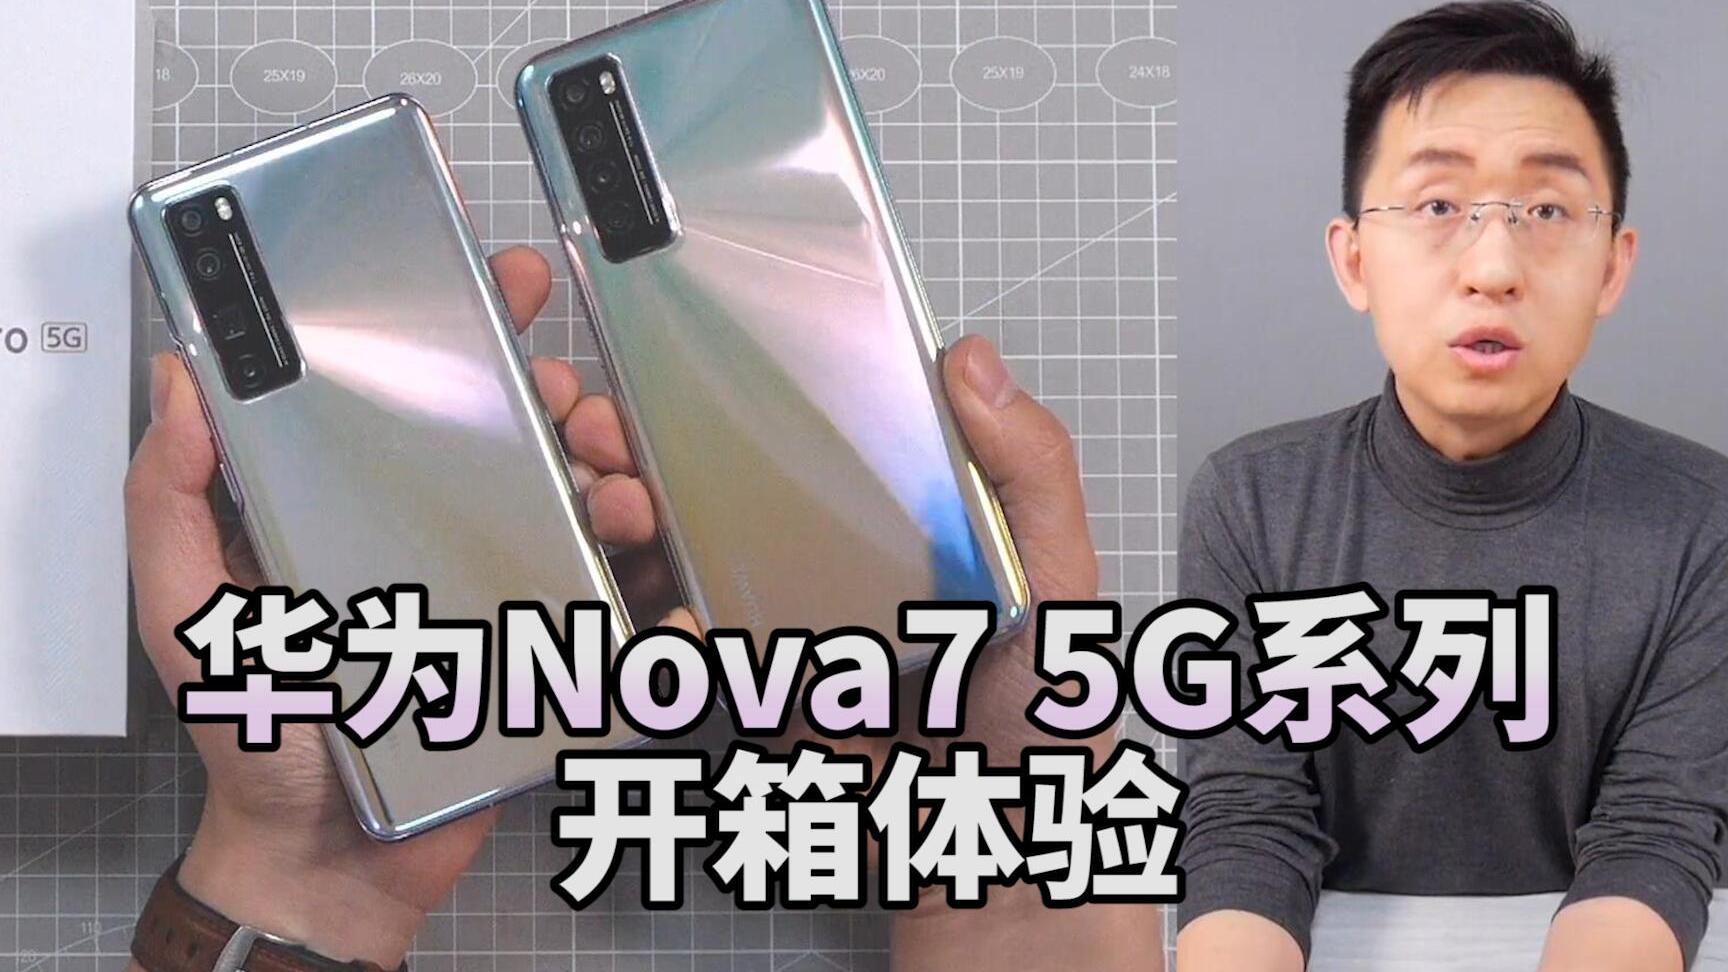 「科技美学直播」华为nova 7 5G系列开箱上手体验 | nova7售价2999元起